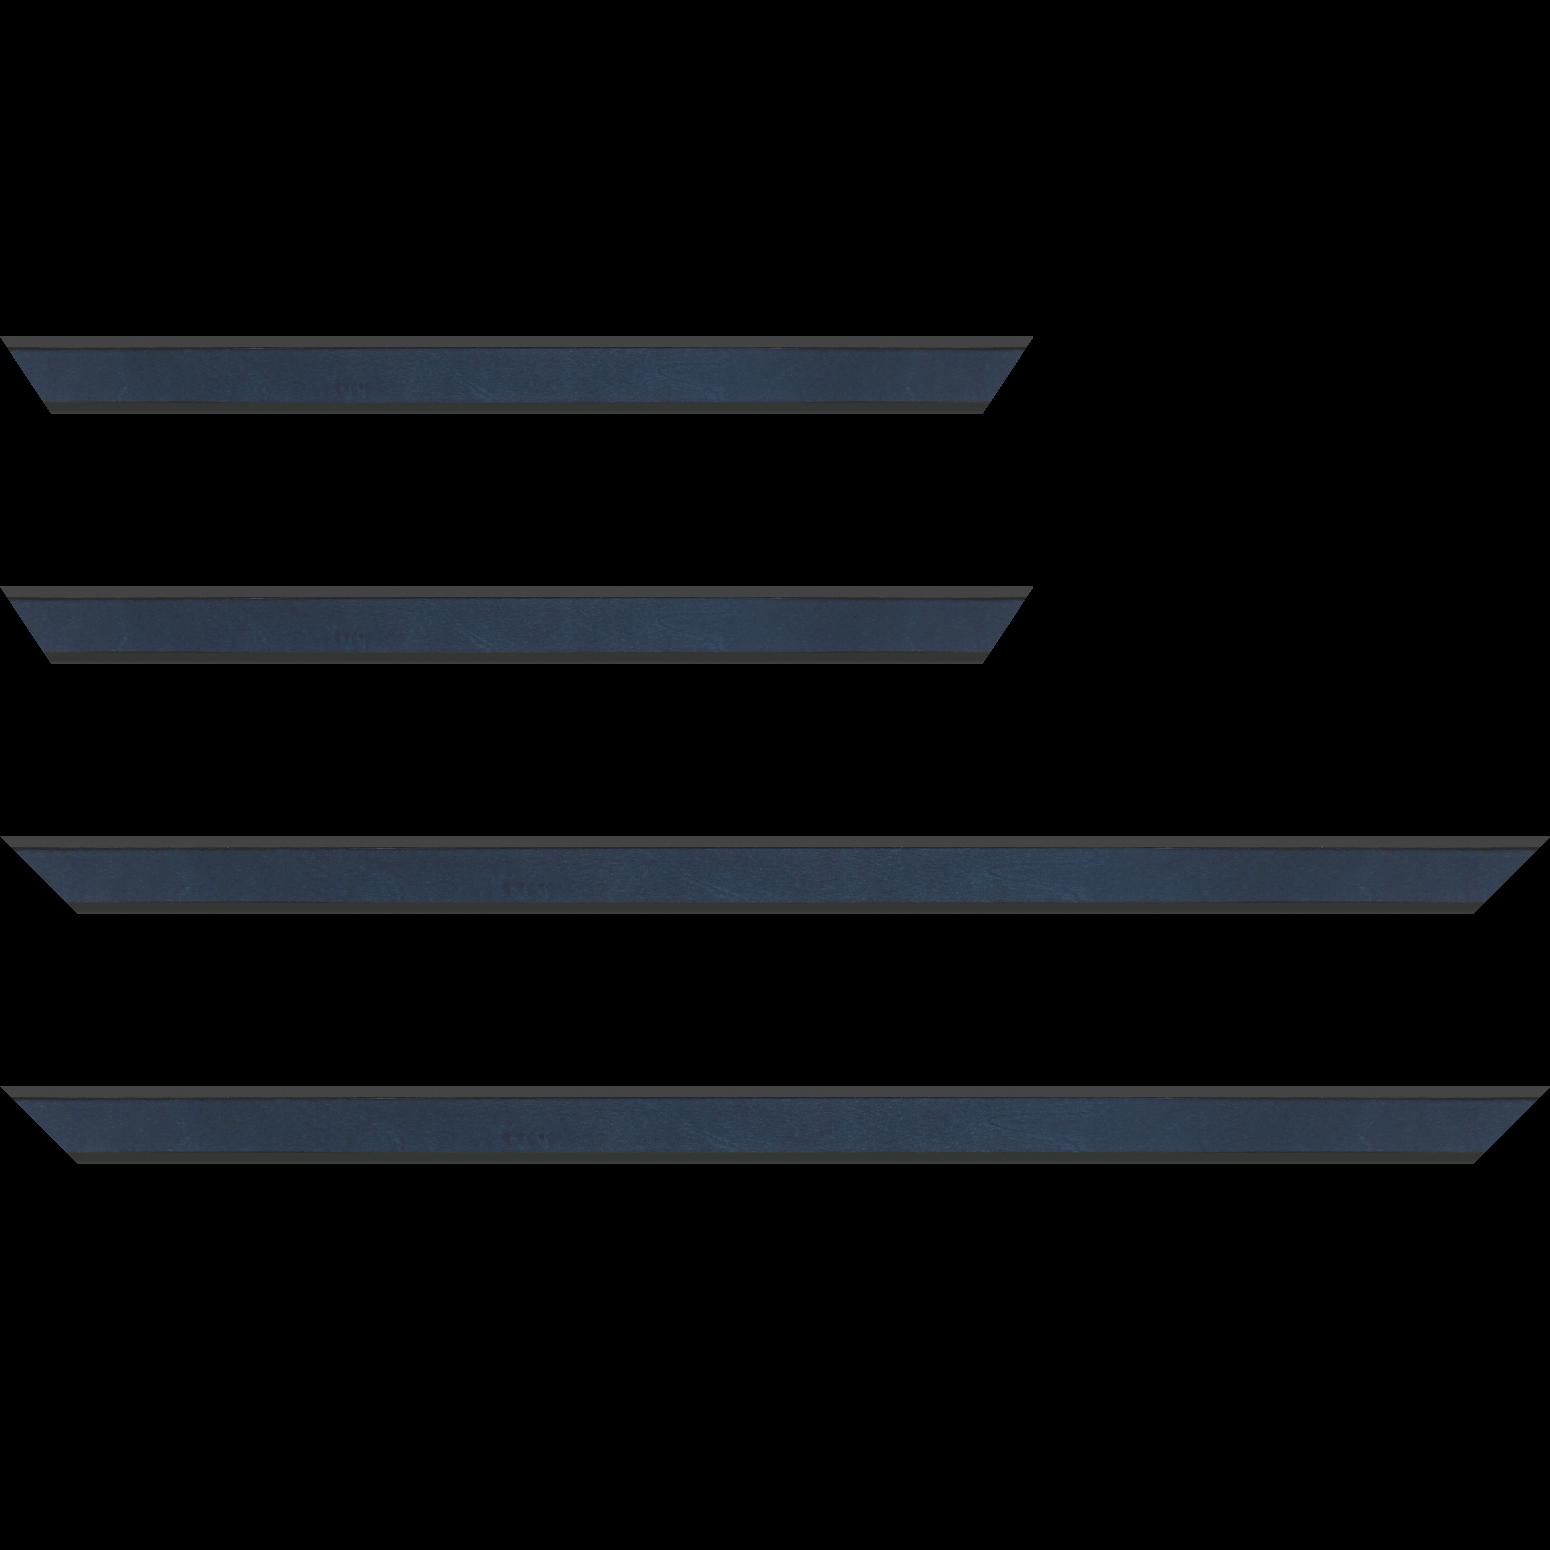 Baguette service précoupé Bois essence marupa profil plat largeur 2.5cm plaquage érable teinté bleu foncé, filet intérieur et extérieur gris foncé